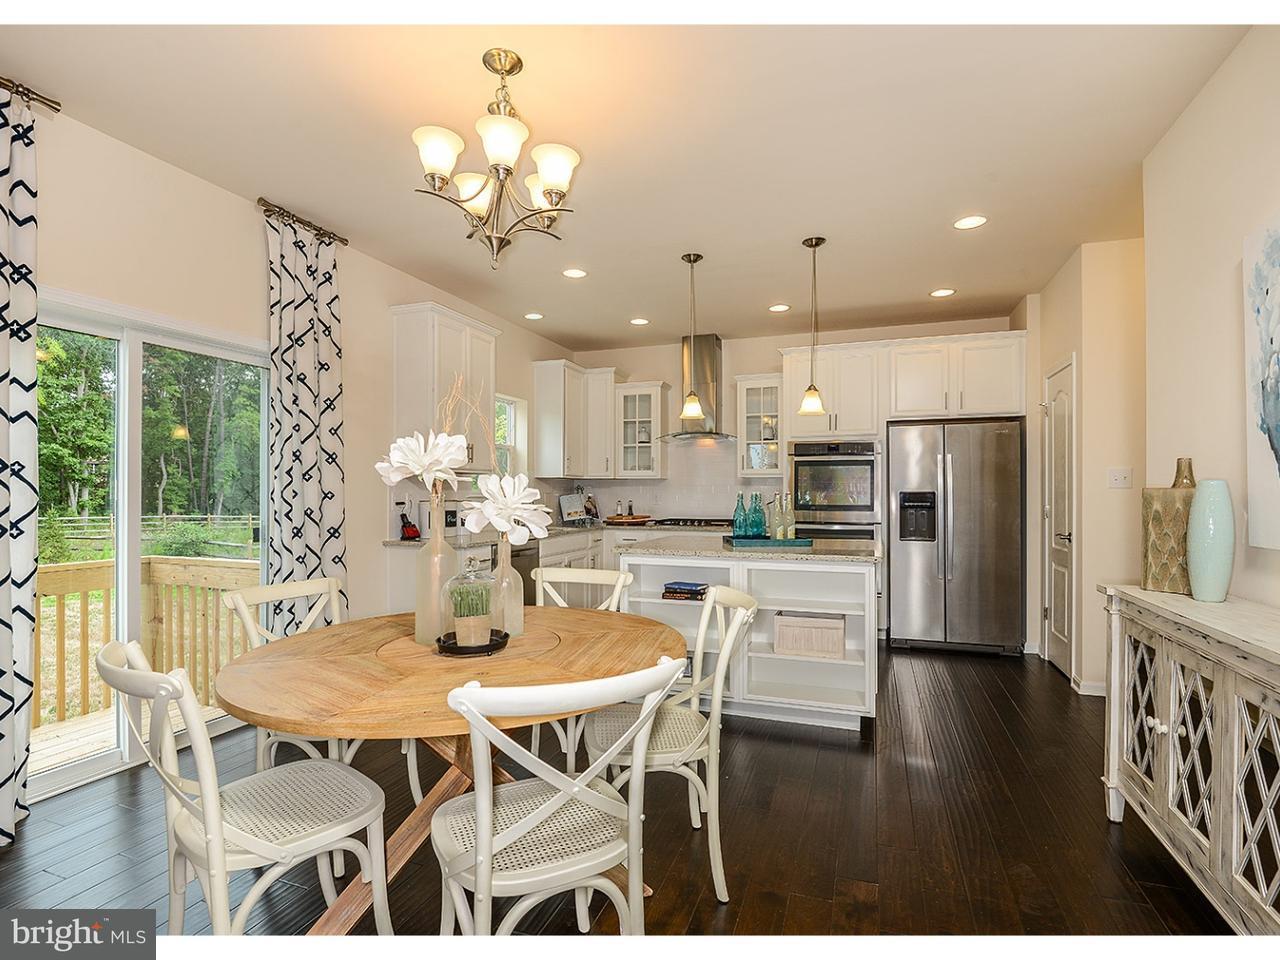 独户住宅 为 销售 在 2 MIMOSA CT #B Gloucester, 新泽西州 08081 美国